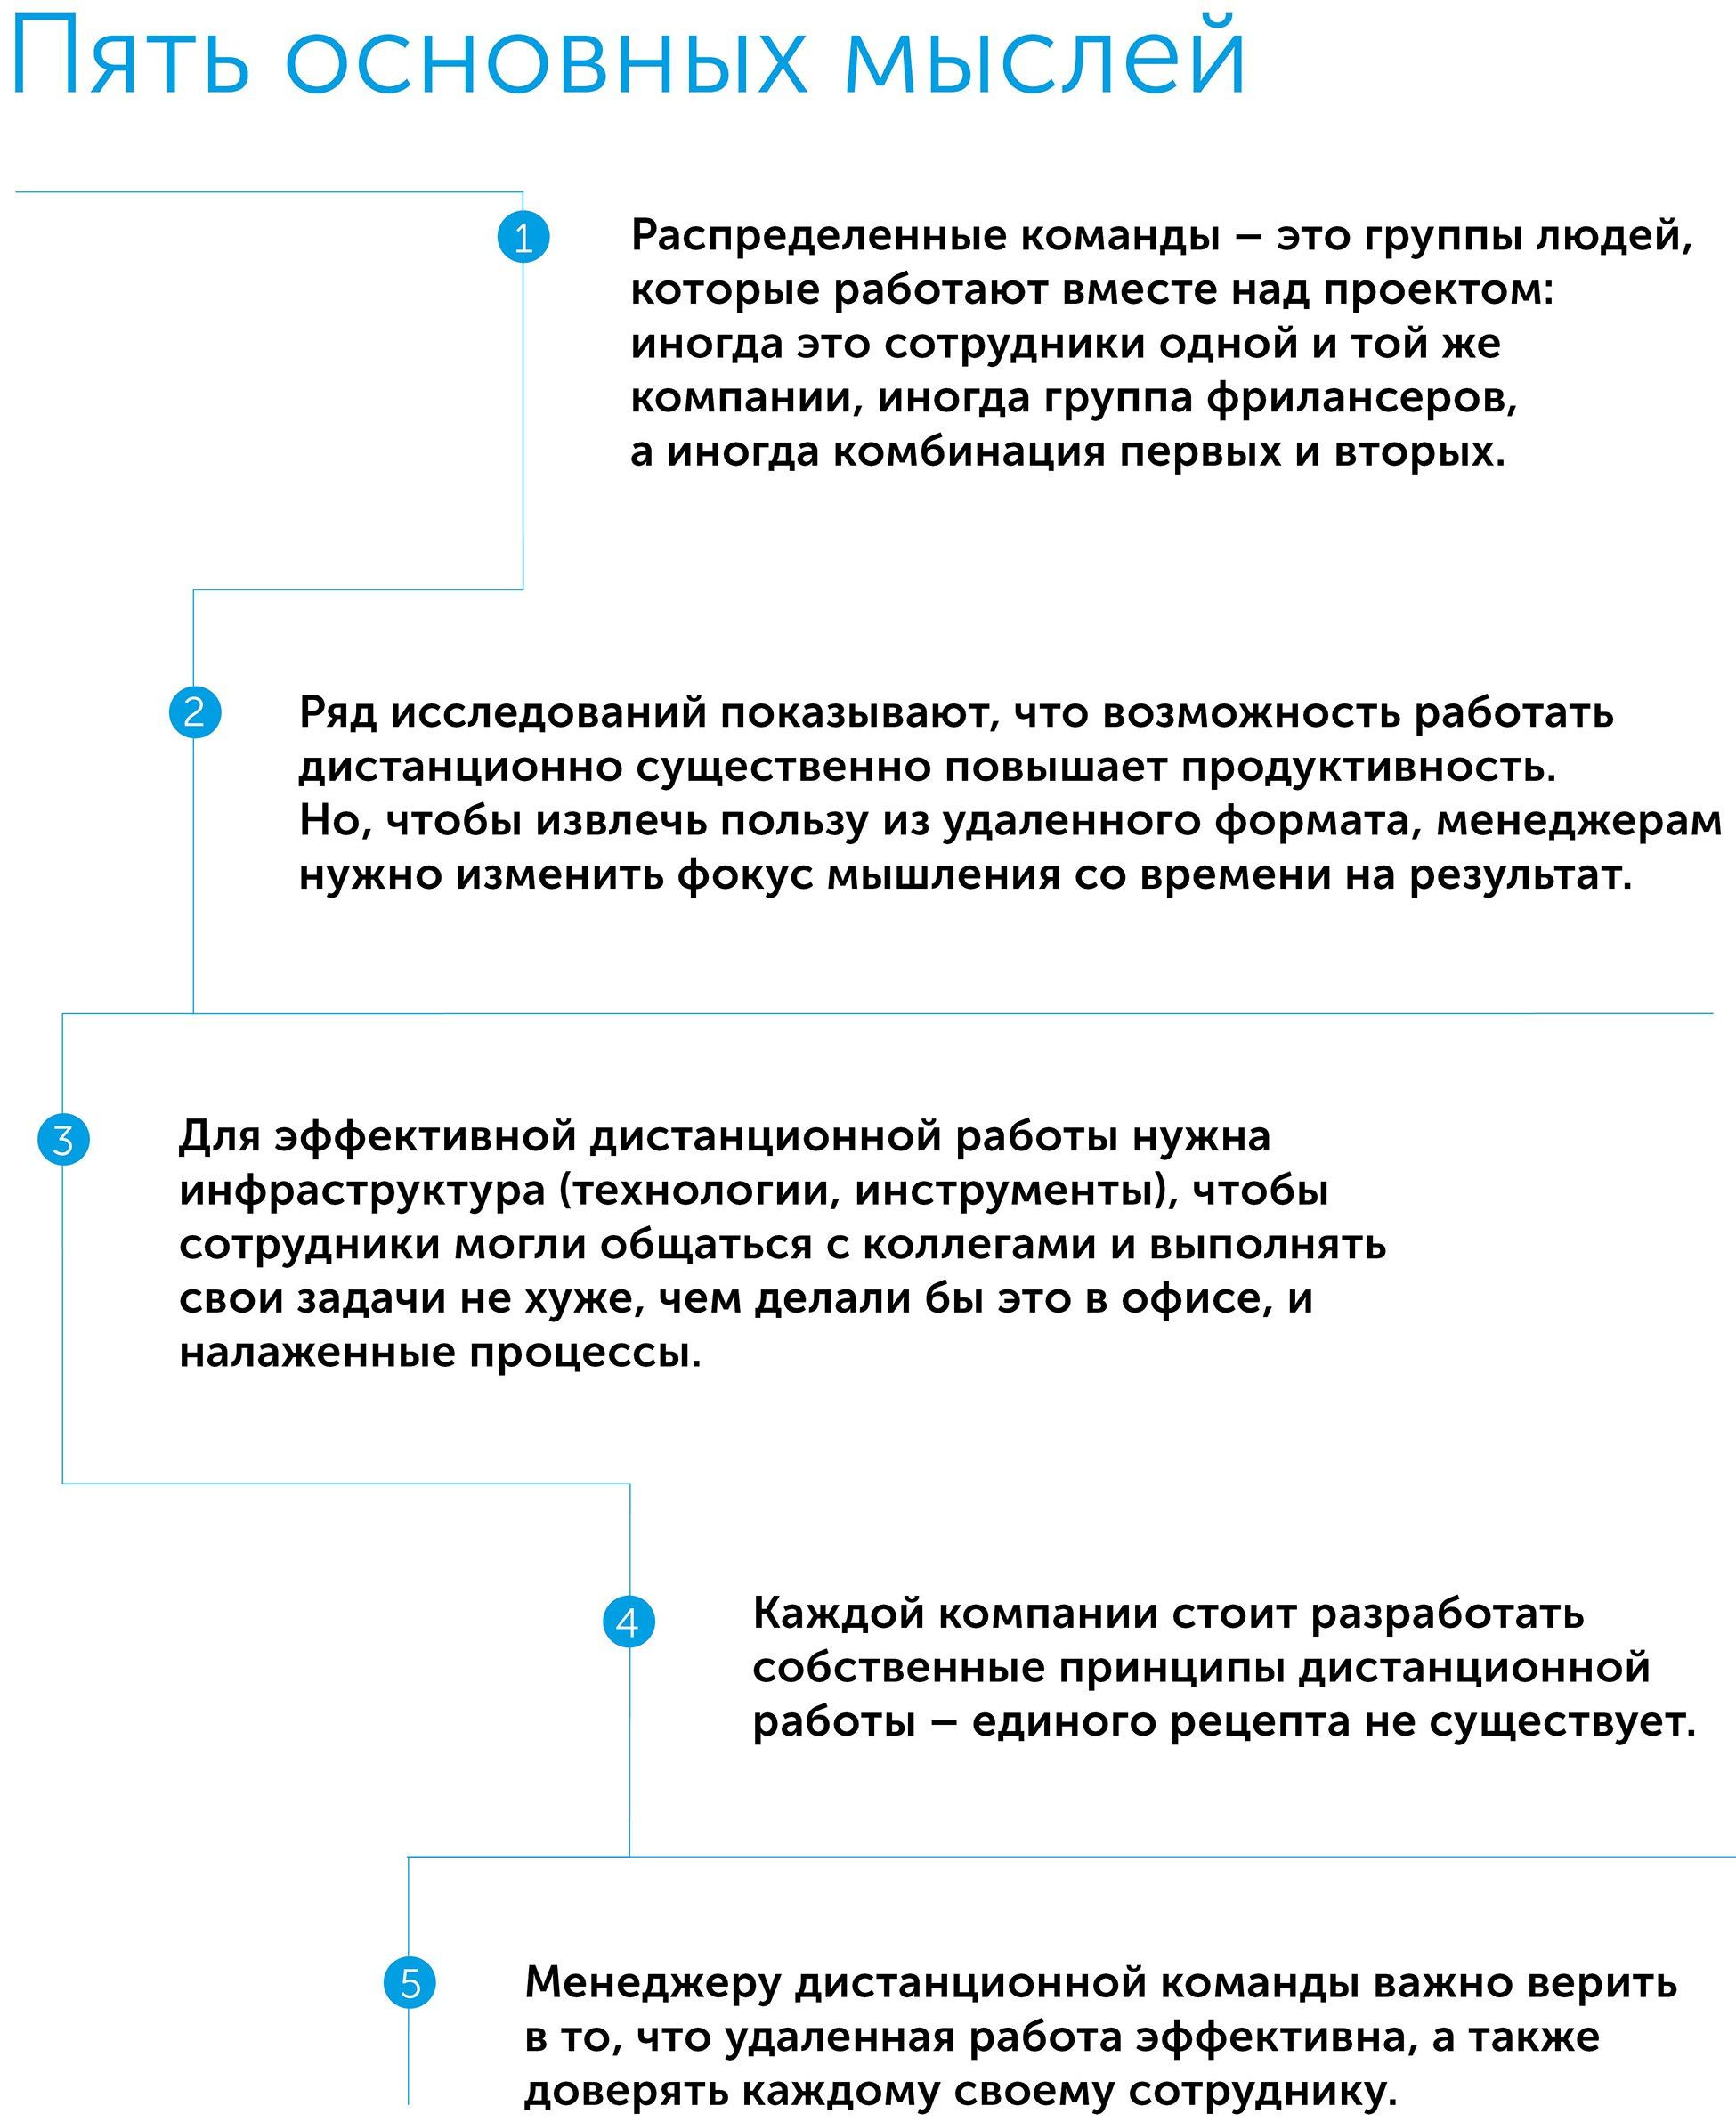 Вместе и где угодно. Инструкция по успешной удаленной работе для сотрудников, руководителей и команд, автор Лизетт Сазерленд   Kyivstar Business Hub, изображение №2